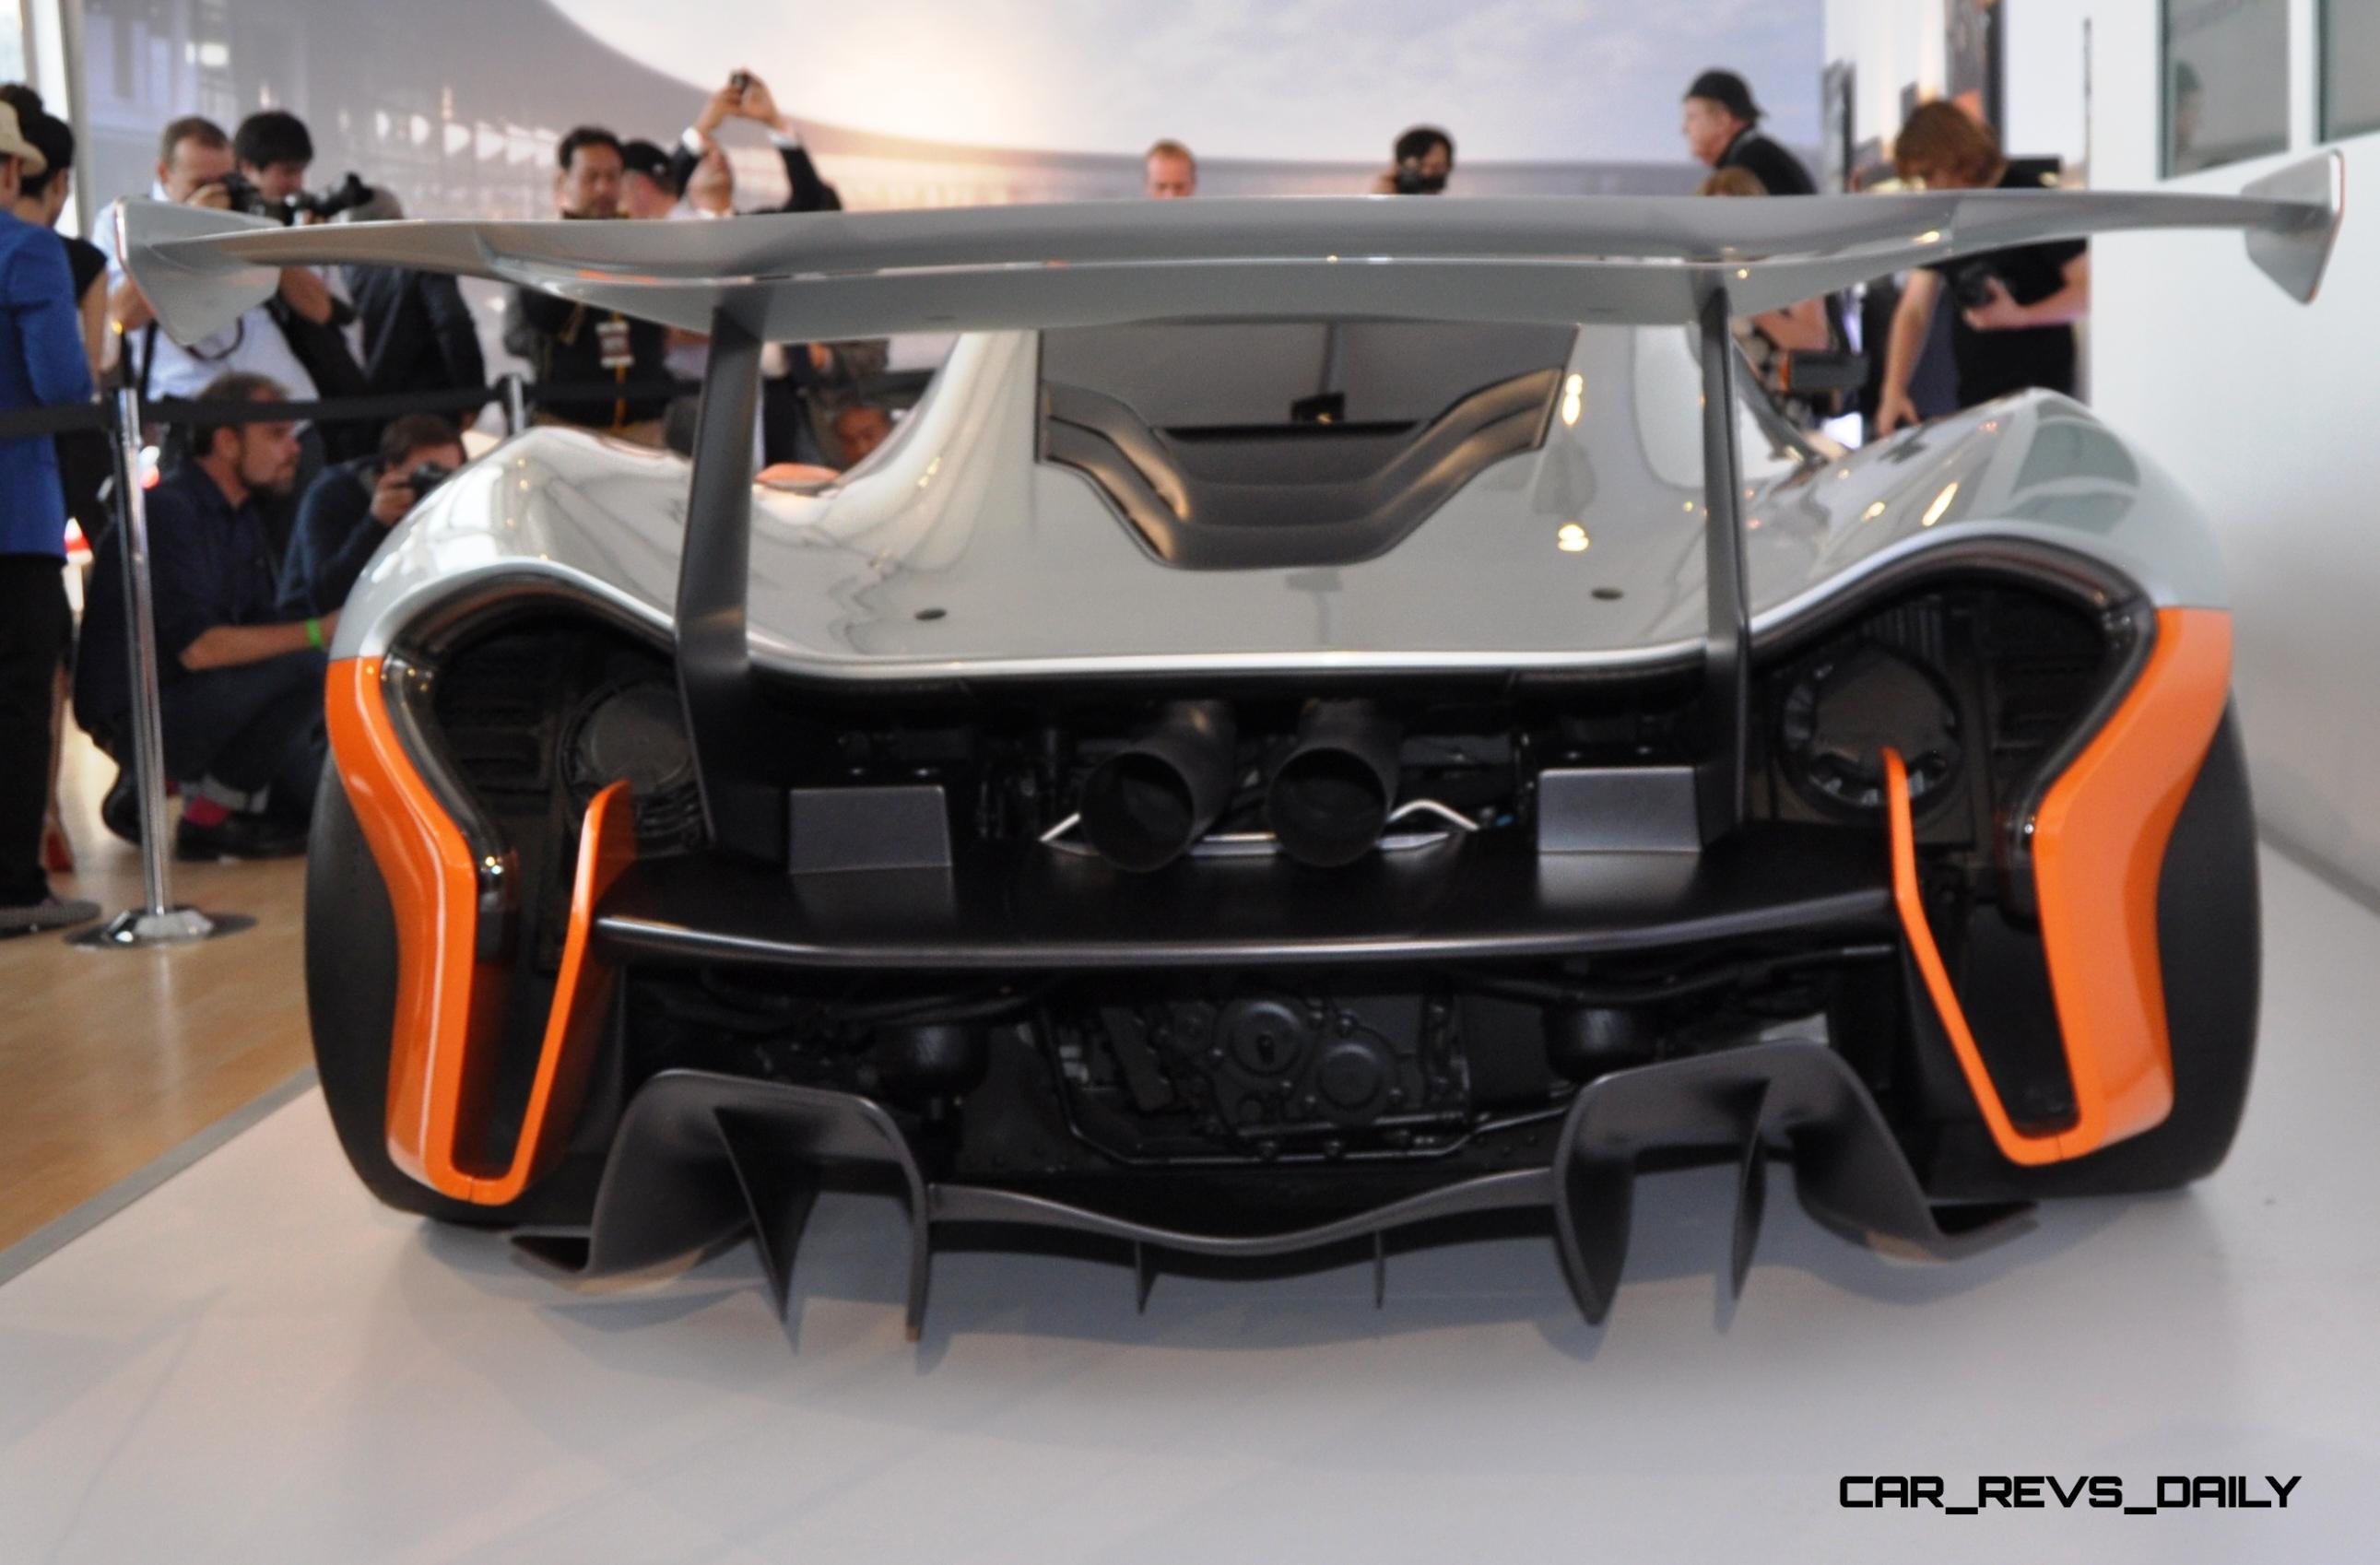 2015 McLaren P1 GTR - Pebble Beach World Debut in 55 High-Res Photos 10